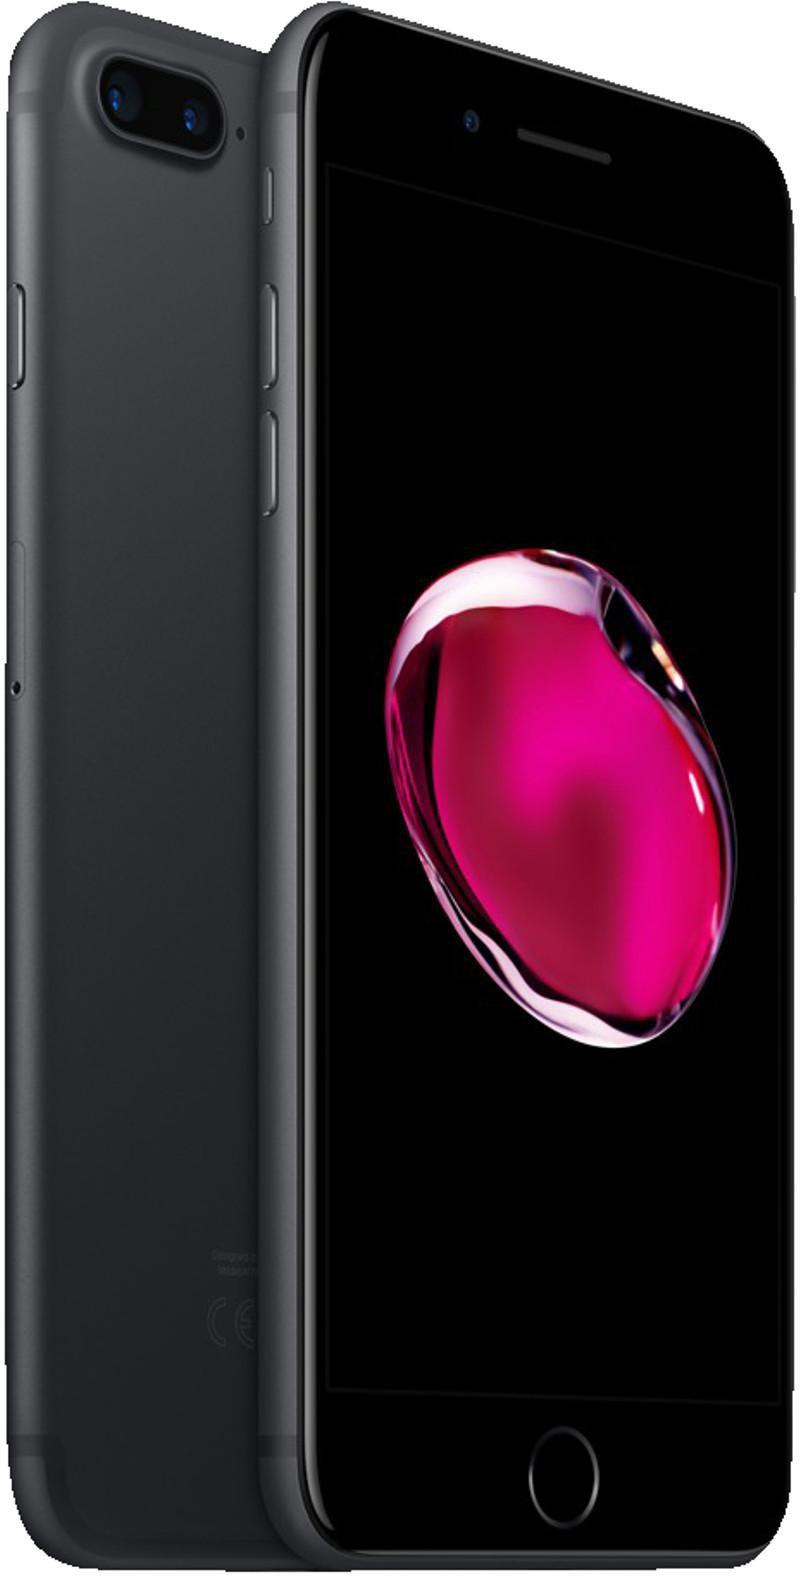 Apple Iphone 7 Plus 128gb Schwarz Ohne Vertrag Günstig Kaufen